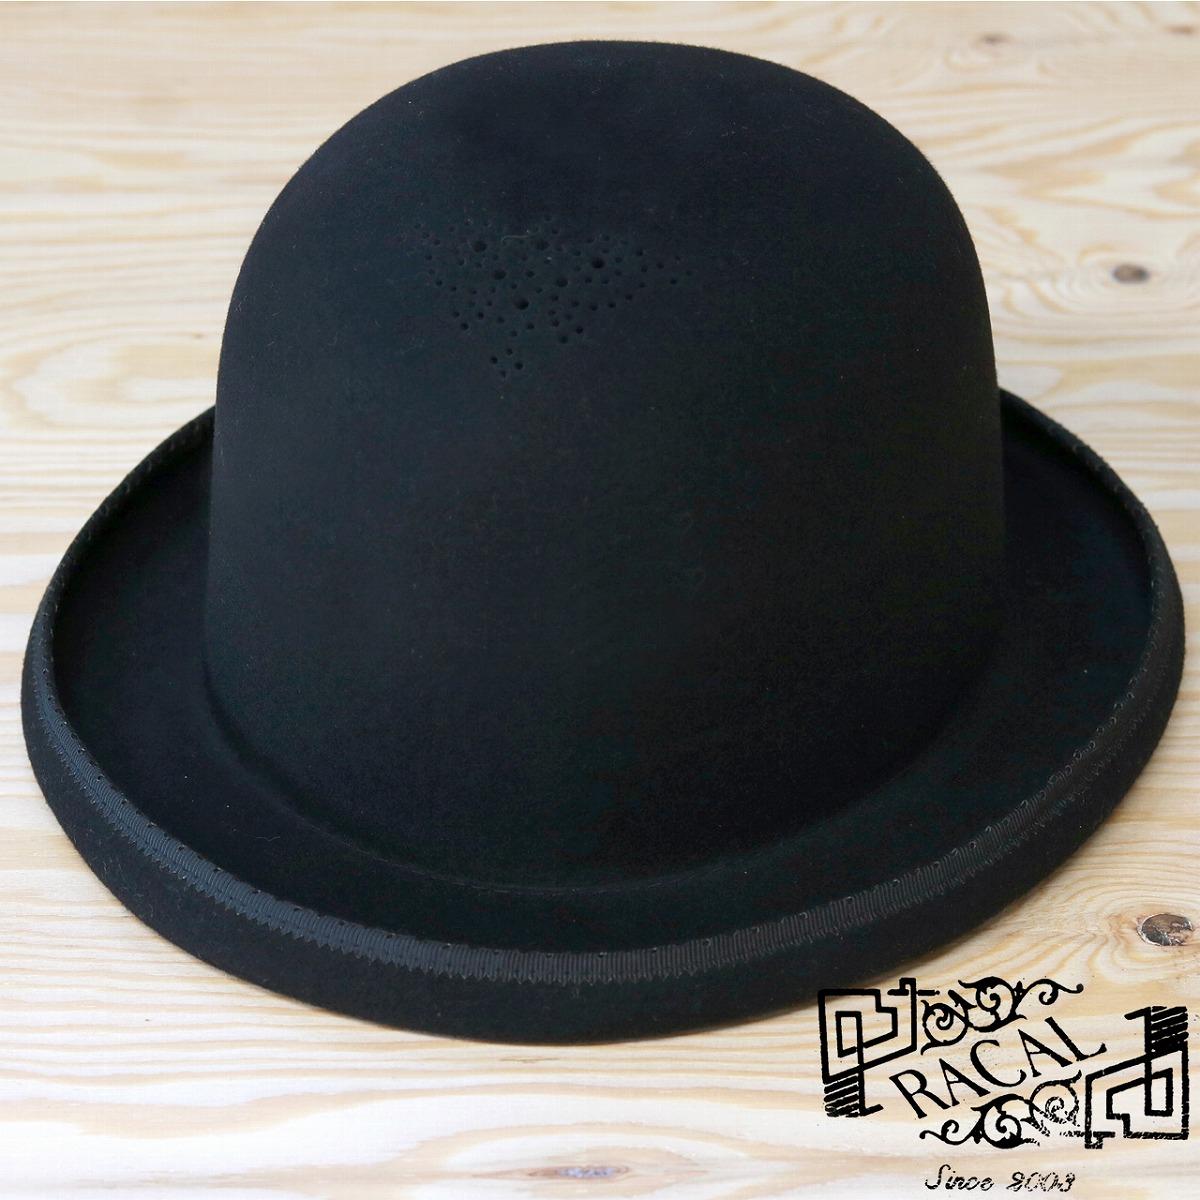 Felt hat men black ラカルダービーハット hat wool Lady s racal hat ラカルボーラー ... bbd49b5bed5